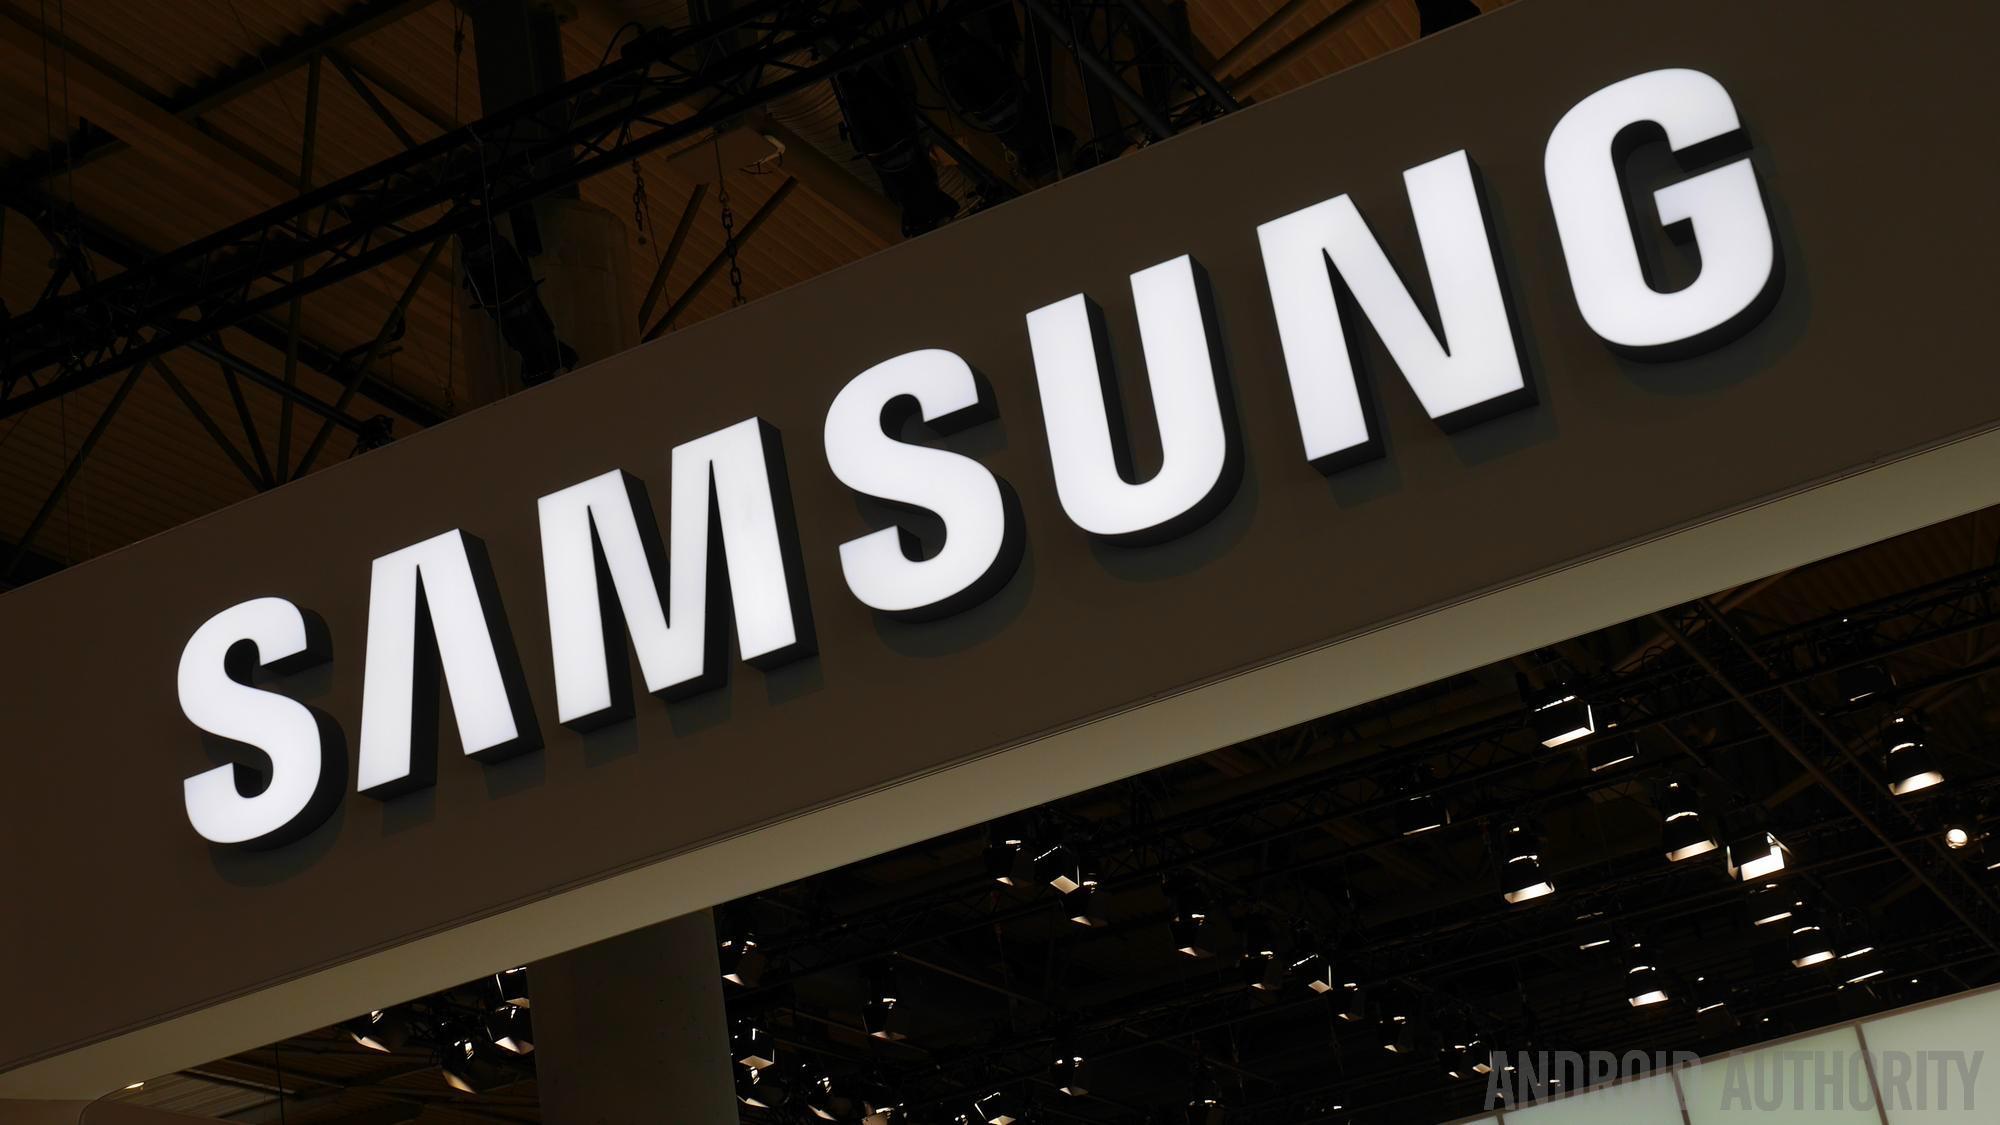 เมื่อ Samsung Brand Shop แบนลูกค้าไม่ขายสินค้าให้ เพราะเคยโพสด่าในโซเชียลออนไลน์ | APPDISQUS